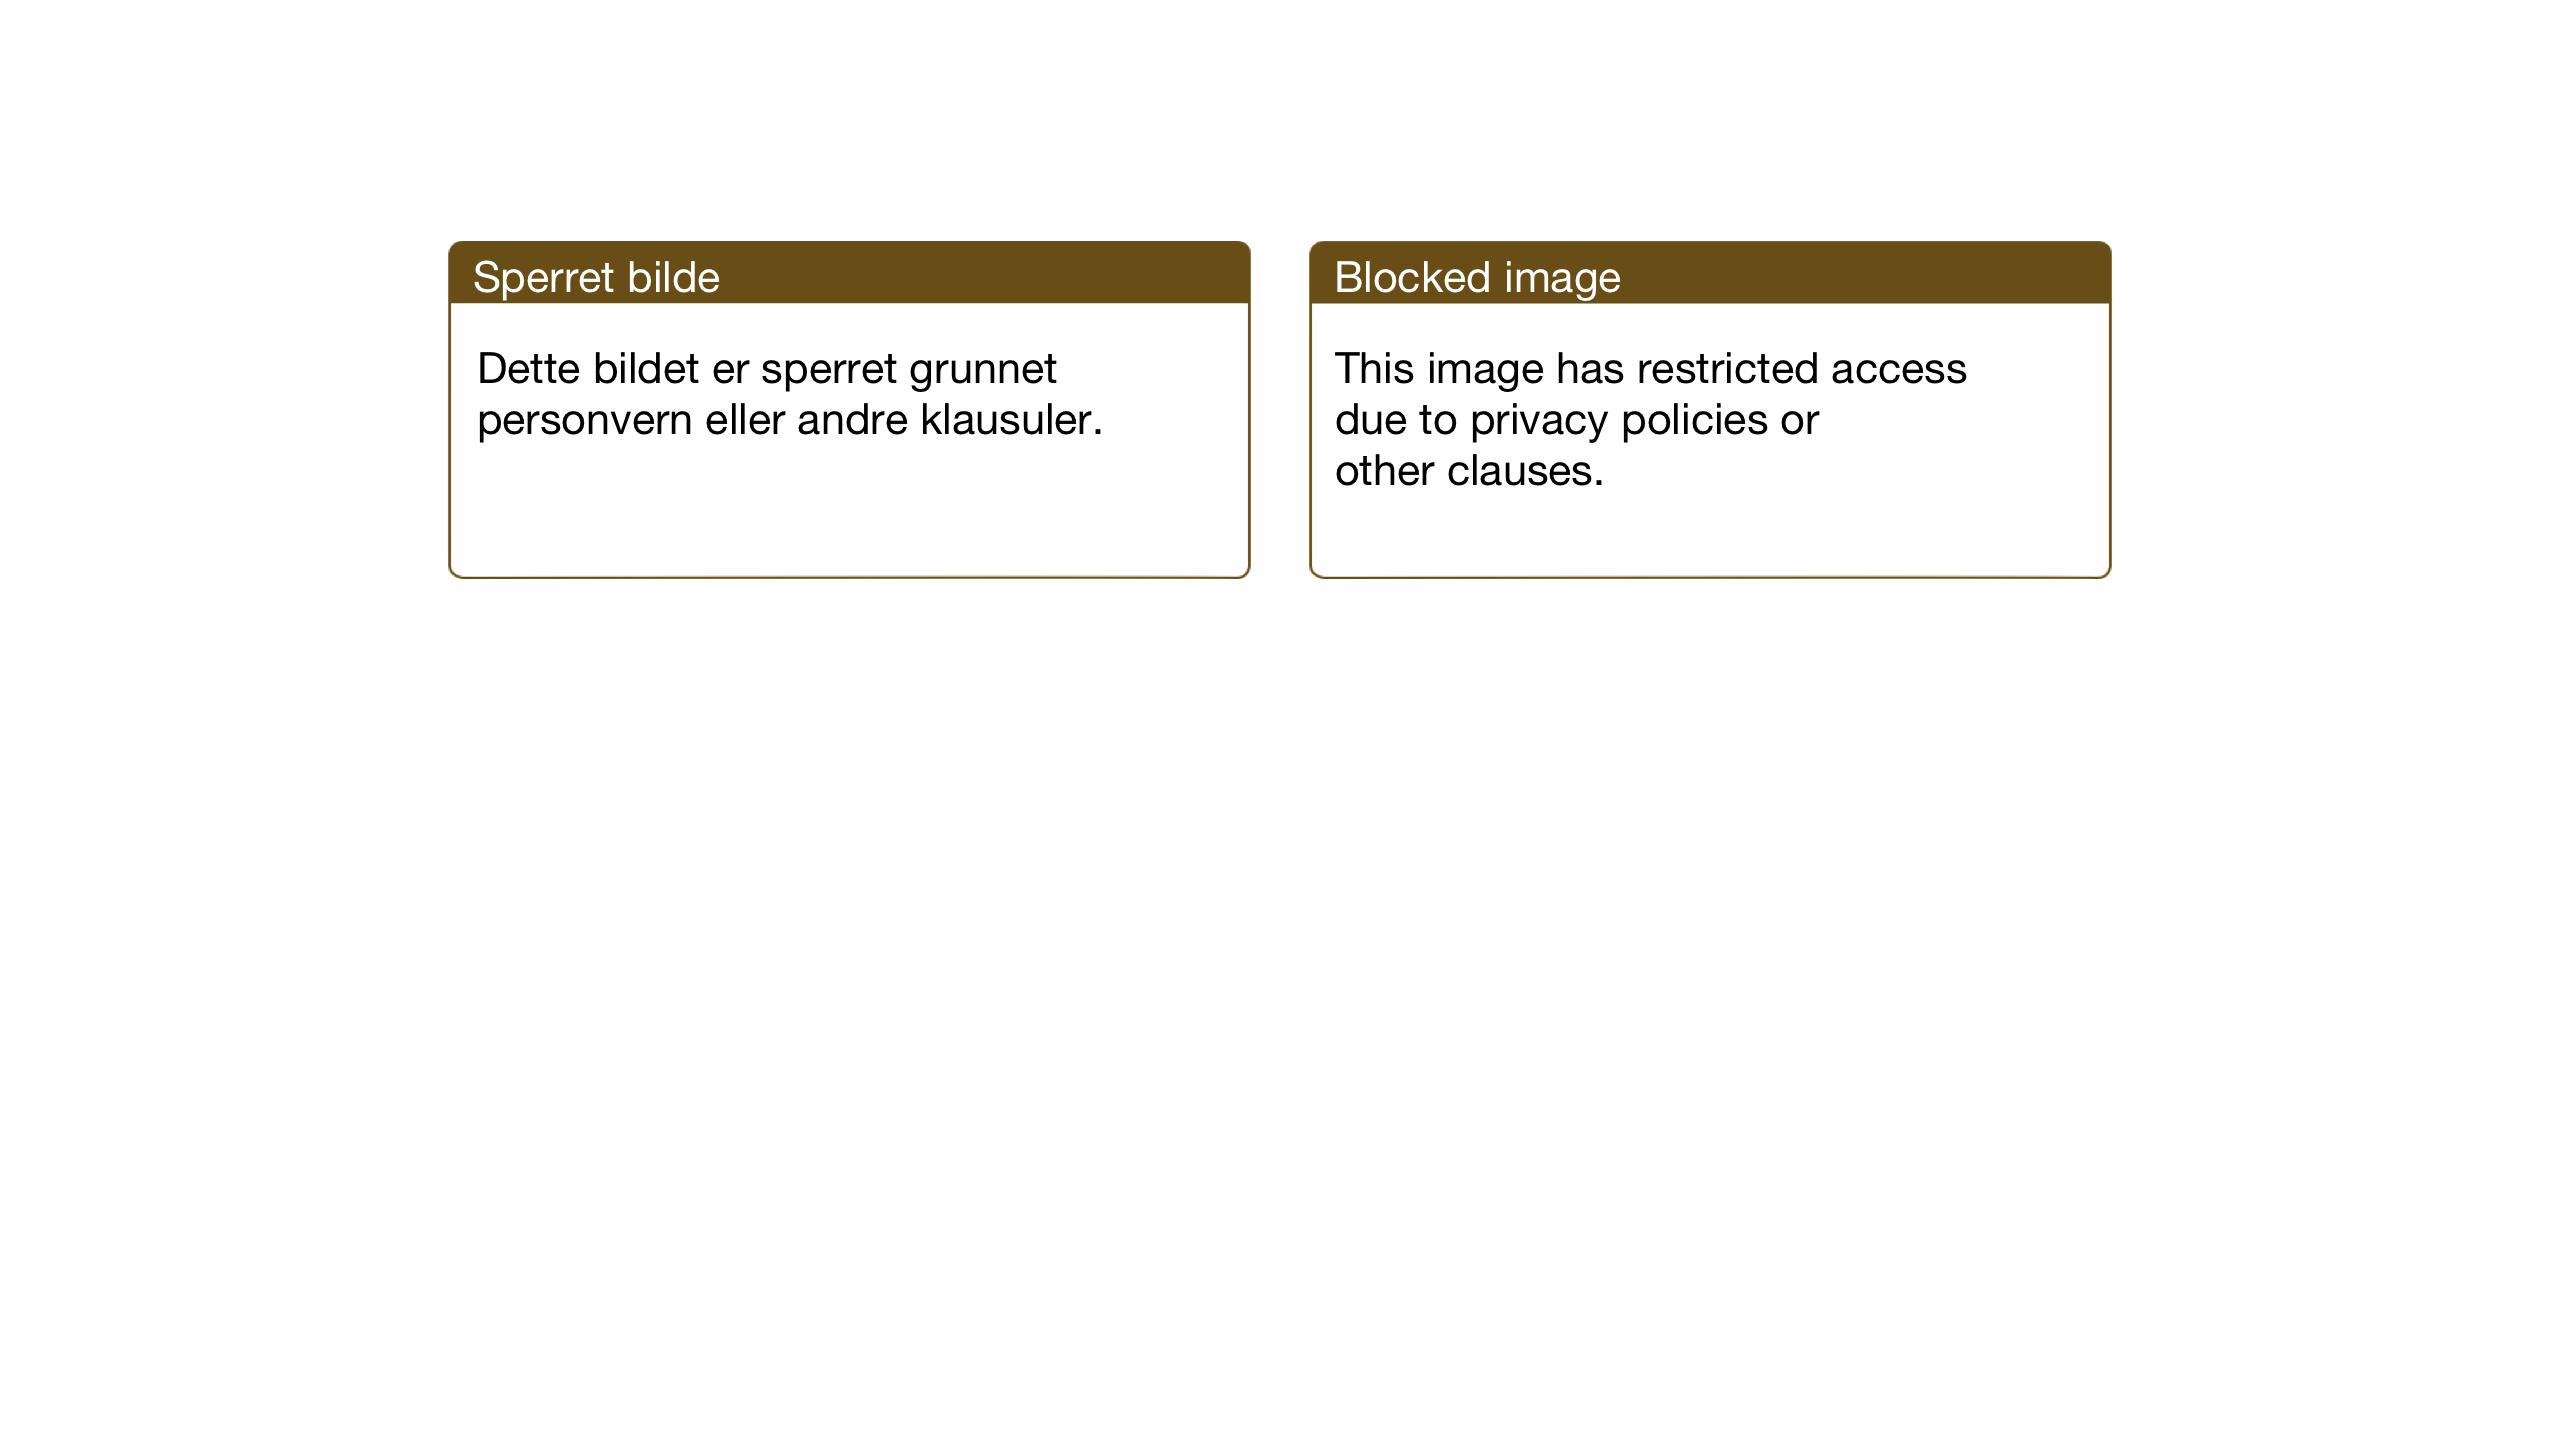 SAT, Ministerialprotokoller, klokkerbøker og fødselsregistre - Nord-Trøndelag, 733/L0328: Klokkerbok nr. 733C03, 1919-1966, s. 24